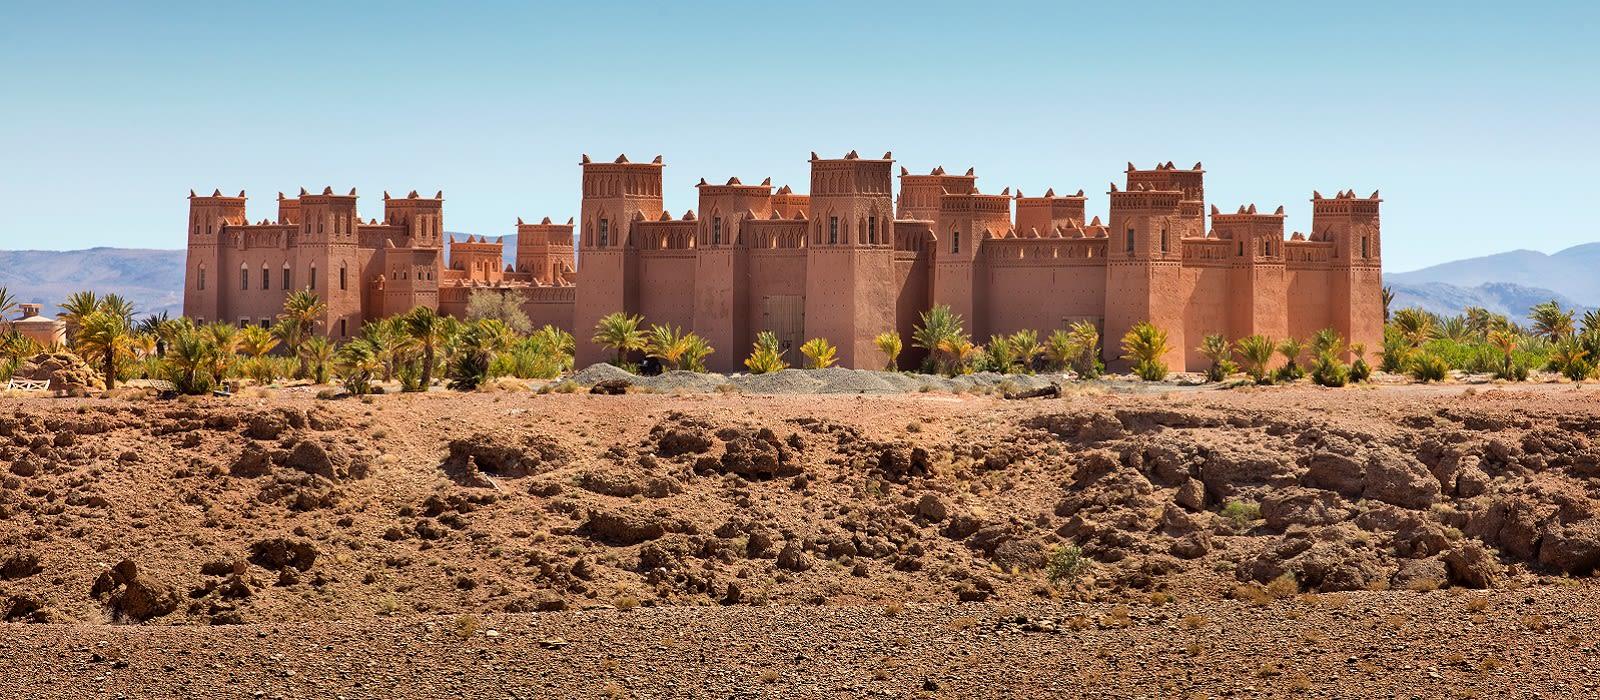 Marokko: Geschäftige Souks, majestätische Gipfel & goldene Sahara Urlaub 3